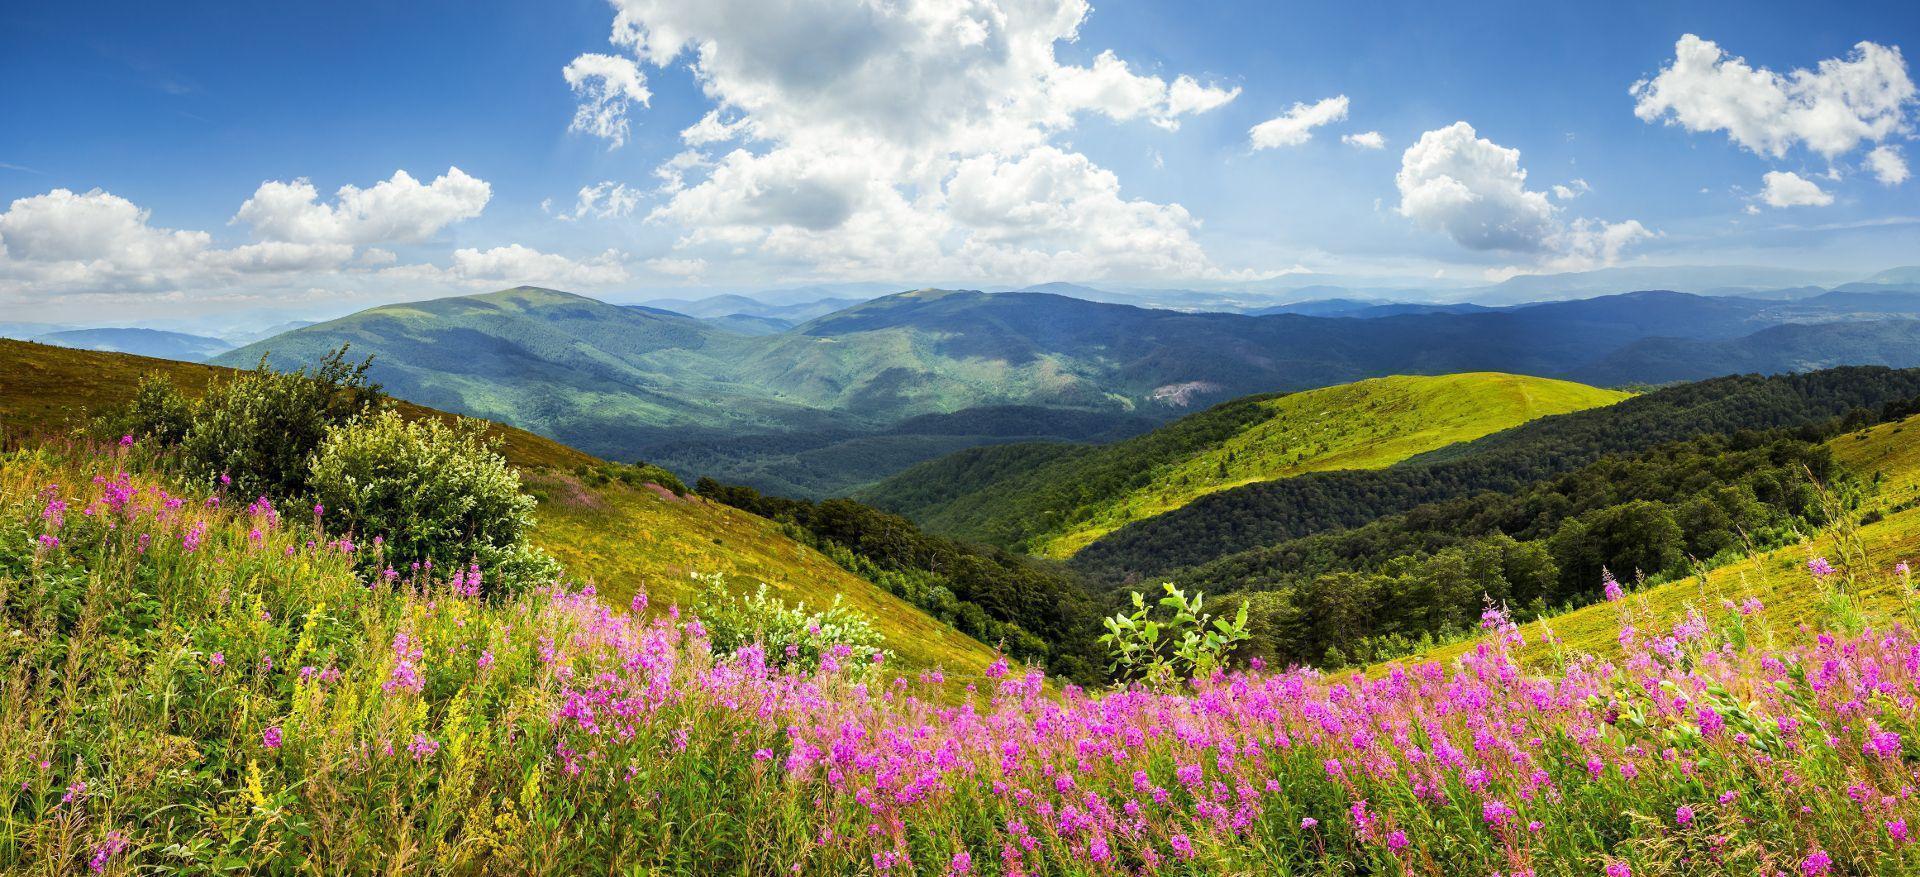 Un paysage apaisant, métaphore de la thérapie